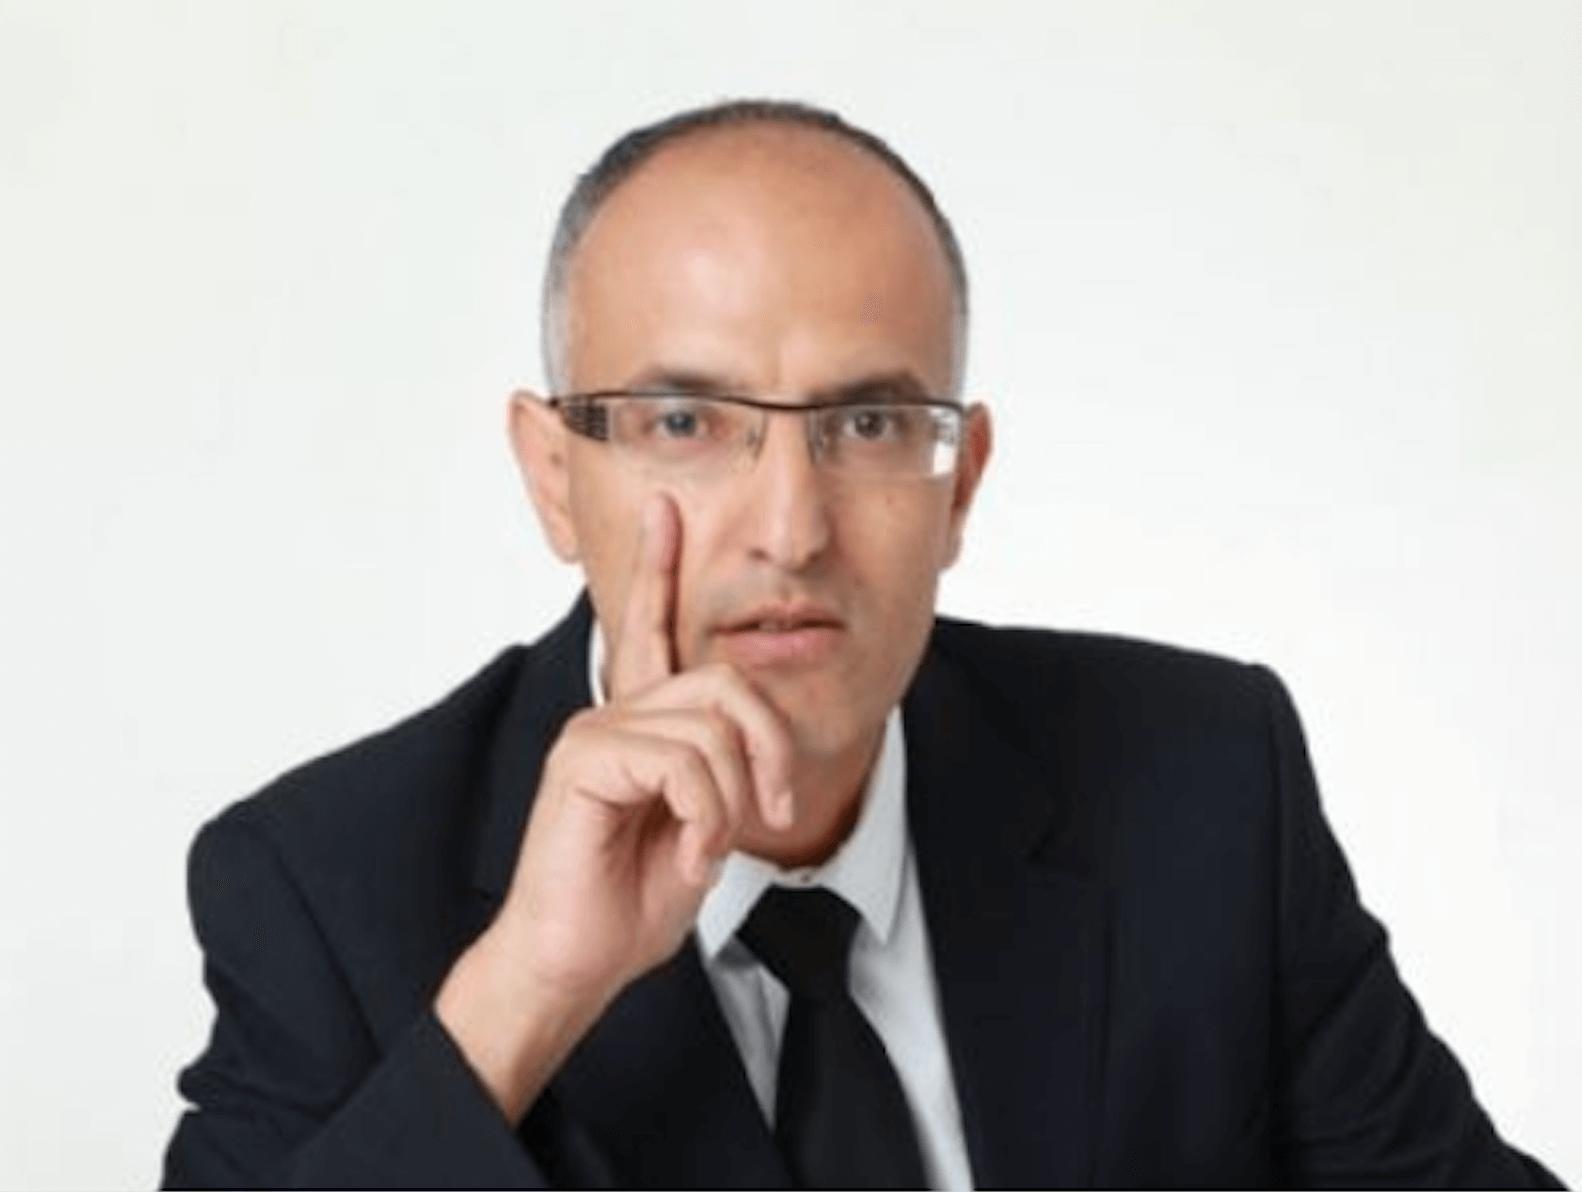 אודות - עורך דין דרור שלום